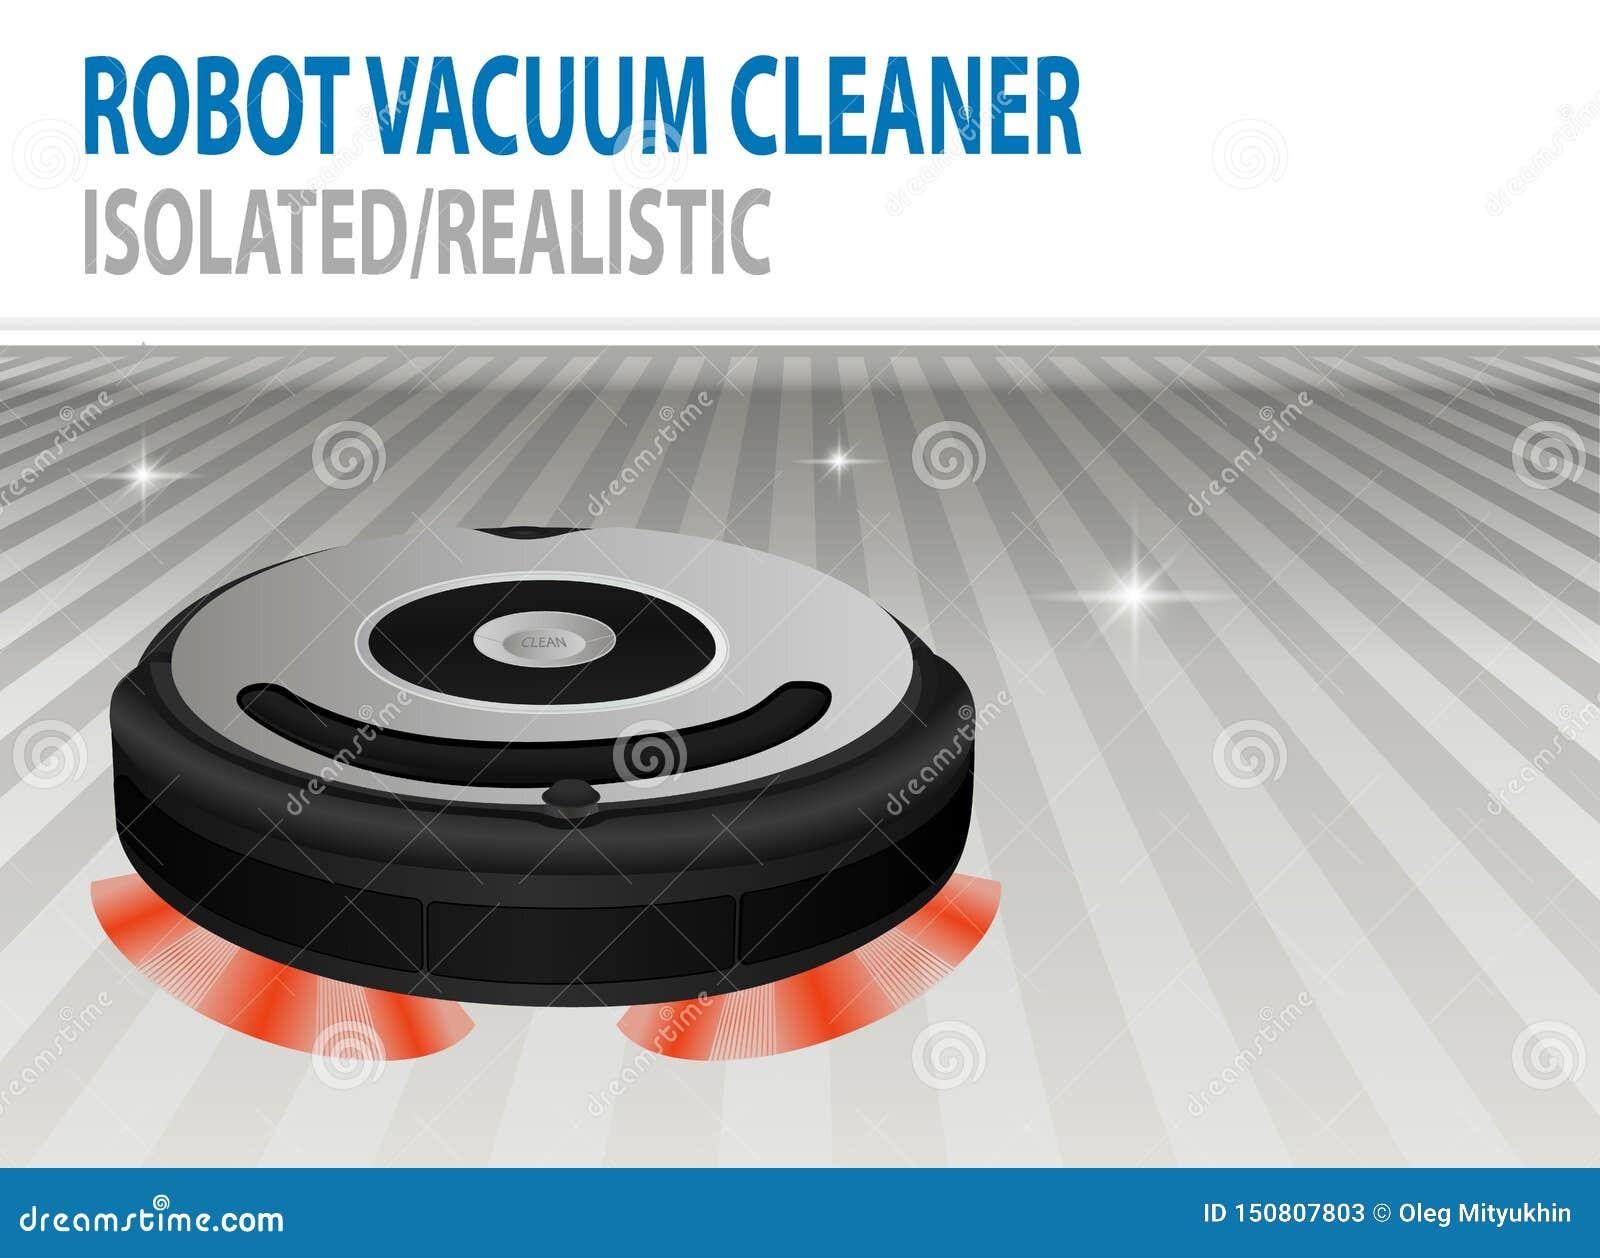 Realistisk illustration 3D av isolerad robotic dammsugare för vektor Smart reningsteknik Сlean rum